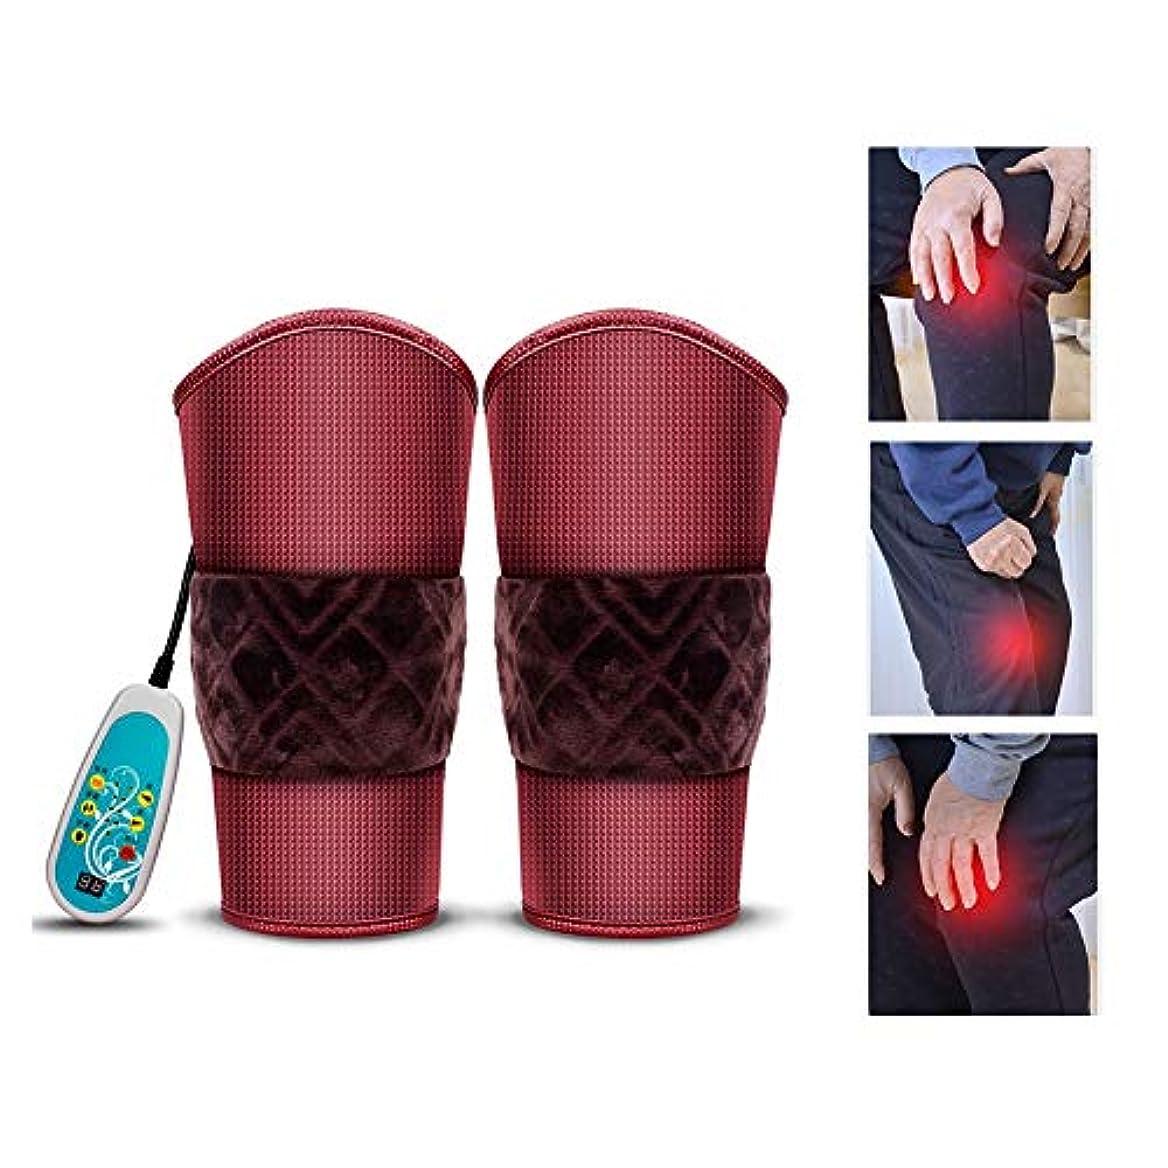 篭ゴネリル口頭加熱膝ブレースサポート - 膝ウォームラップヒーテッドパッド - 9マッサージモードと3ファイル温度のセラピーマッサージャー、膝の怪我、痛みの軽減